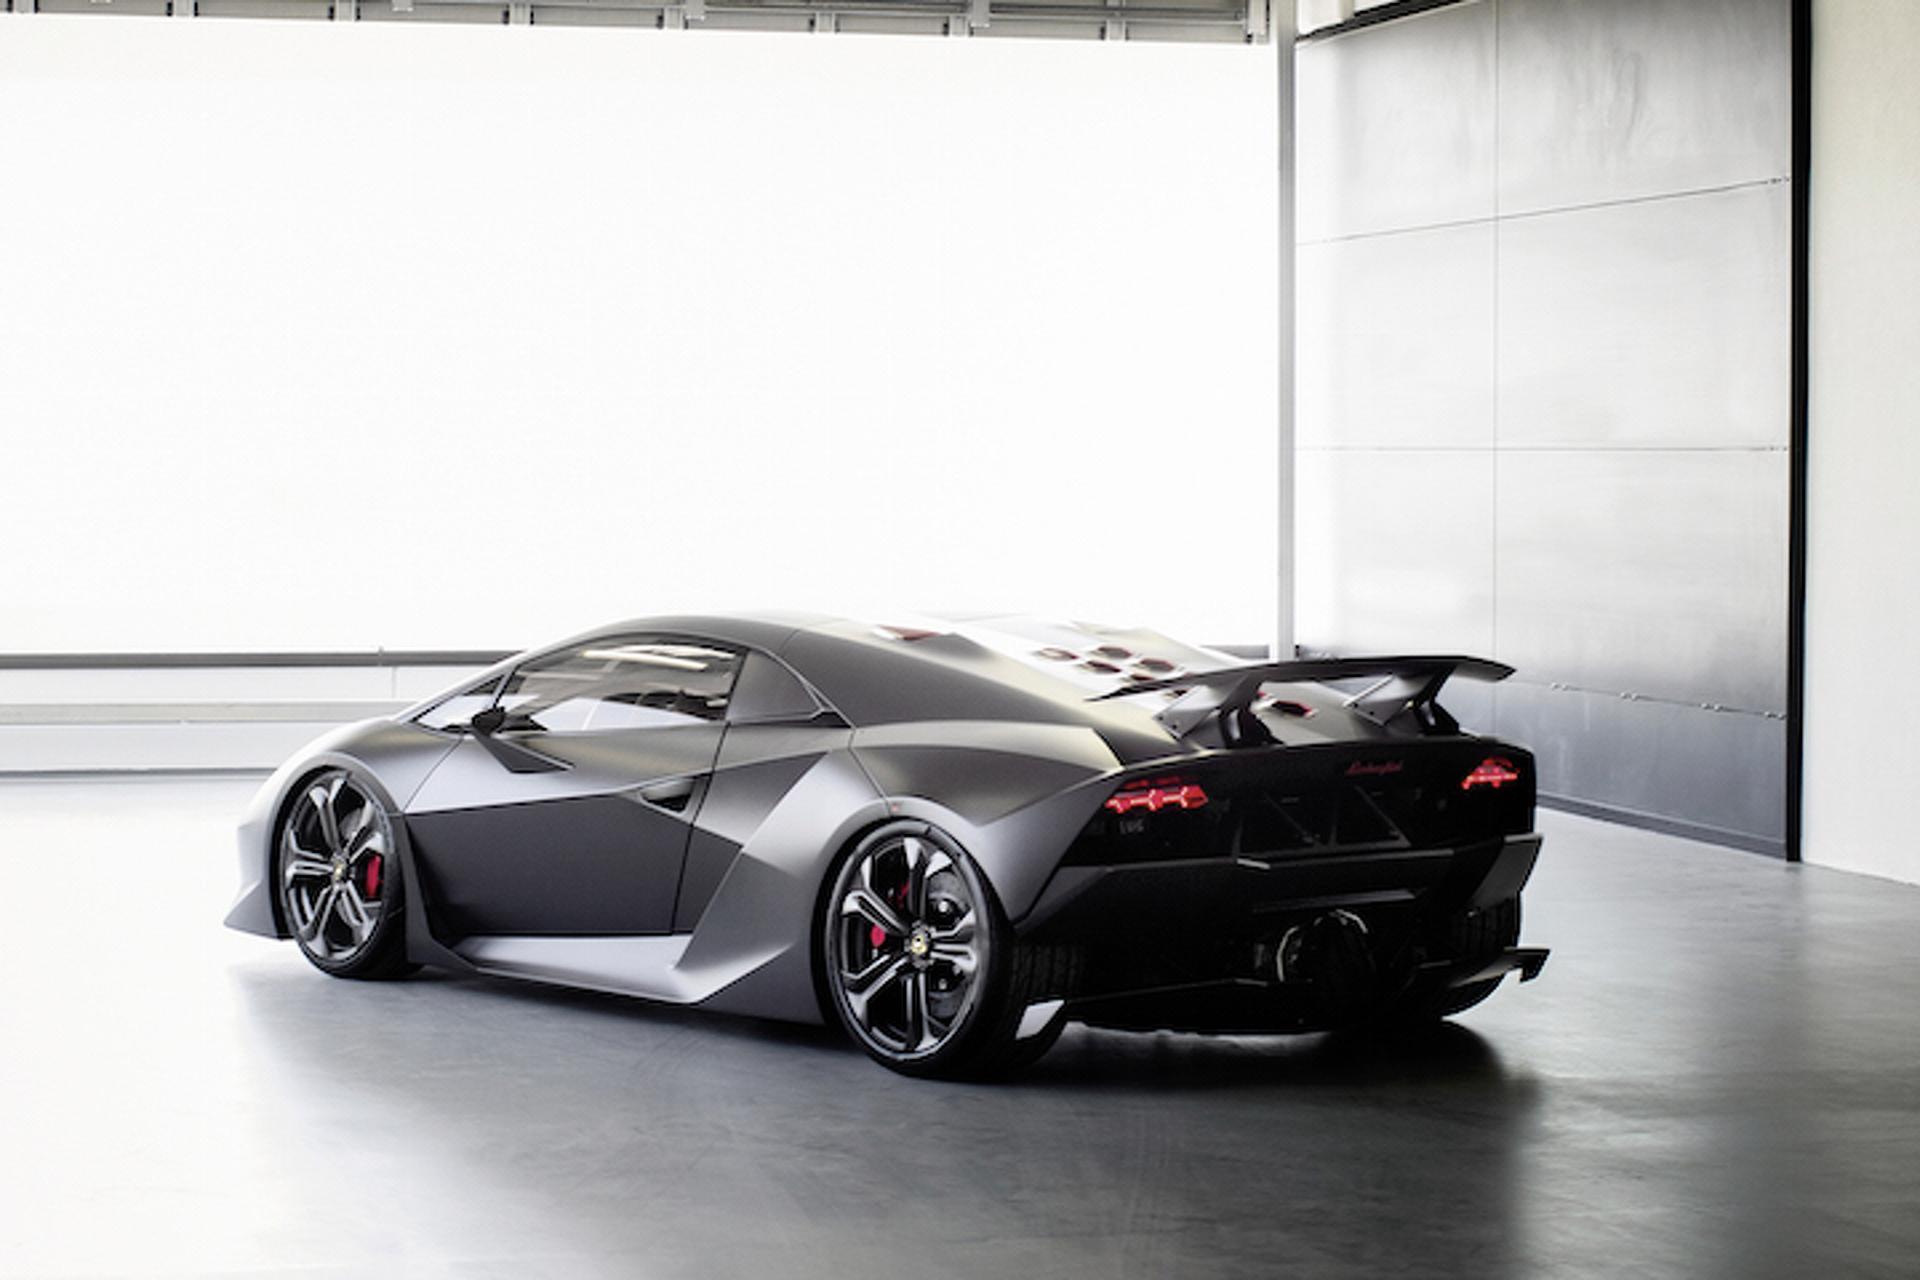 Lamborghini Might Finally Build a McLaren P1 Fighter